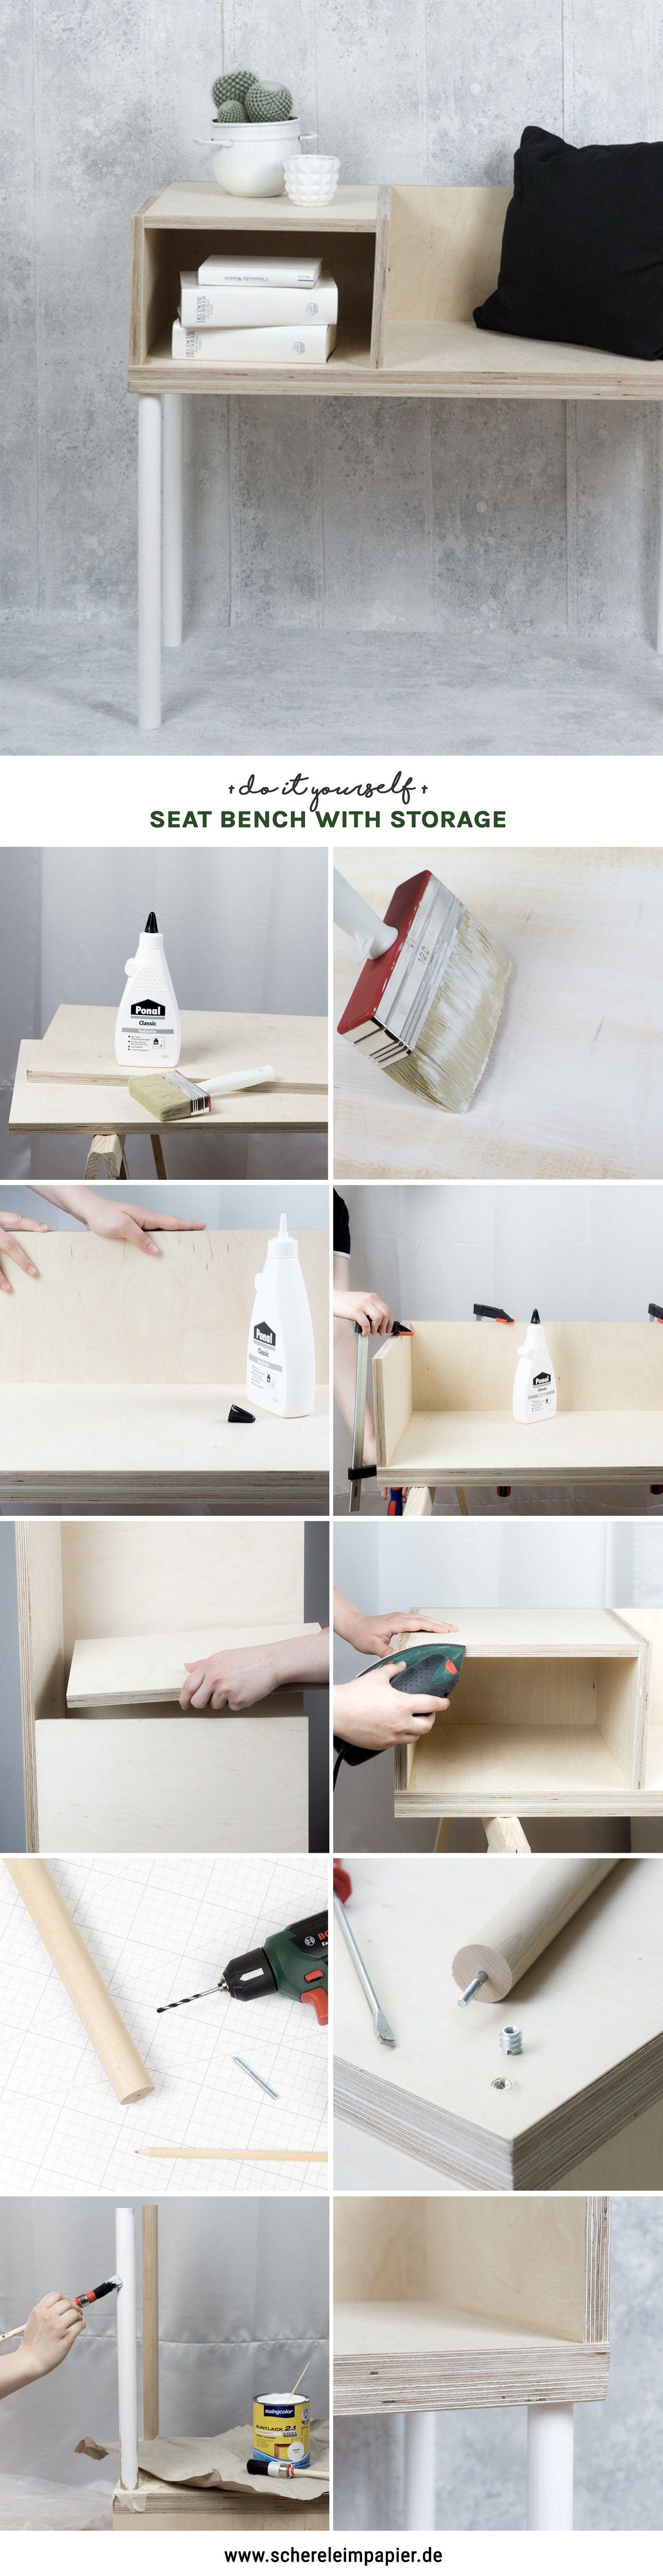 Einfaches wohnmöbel design so einfach lässt sich eine diy sitzbank selber bauen  bricolage